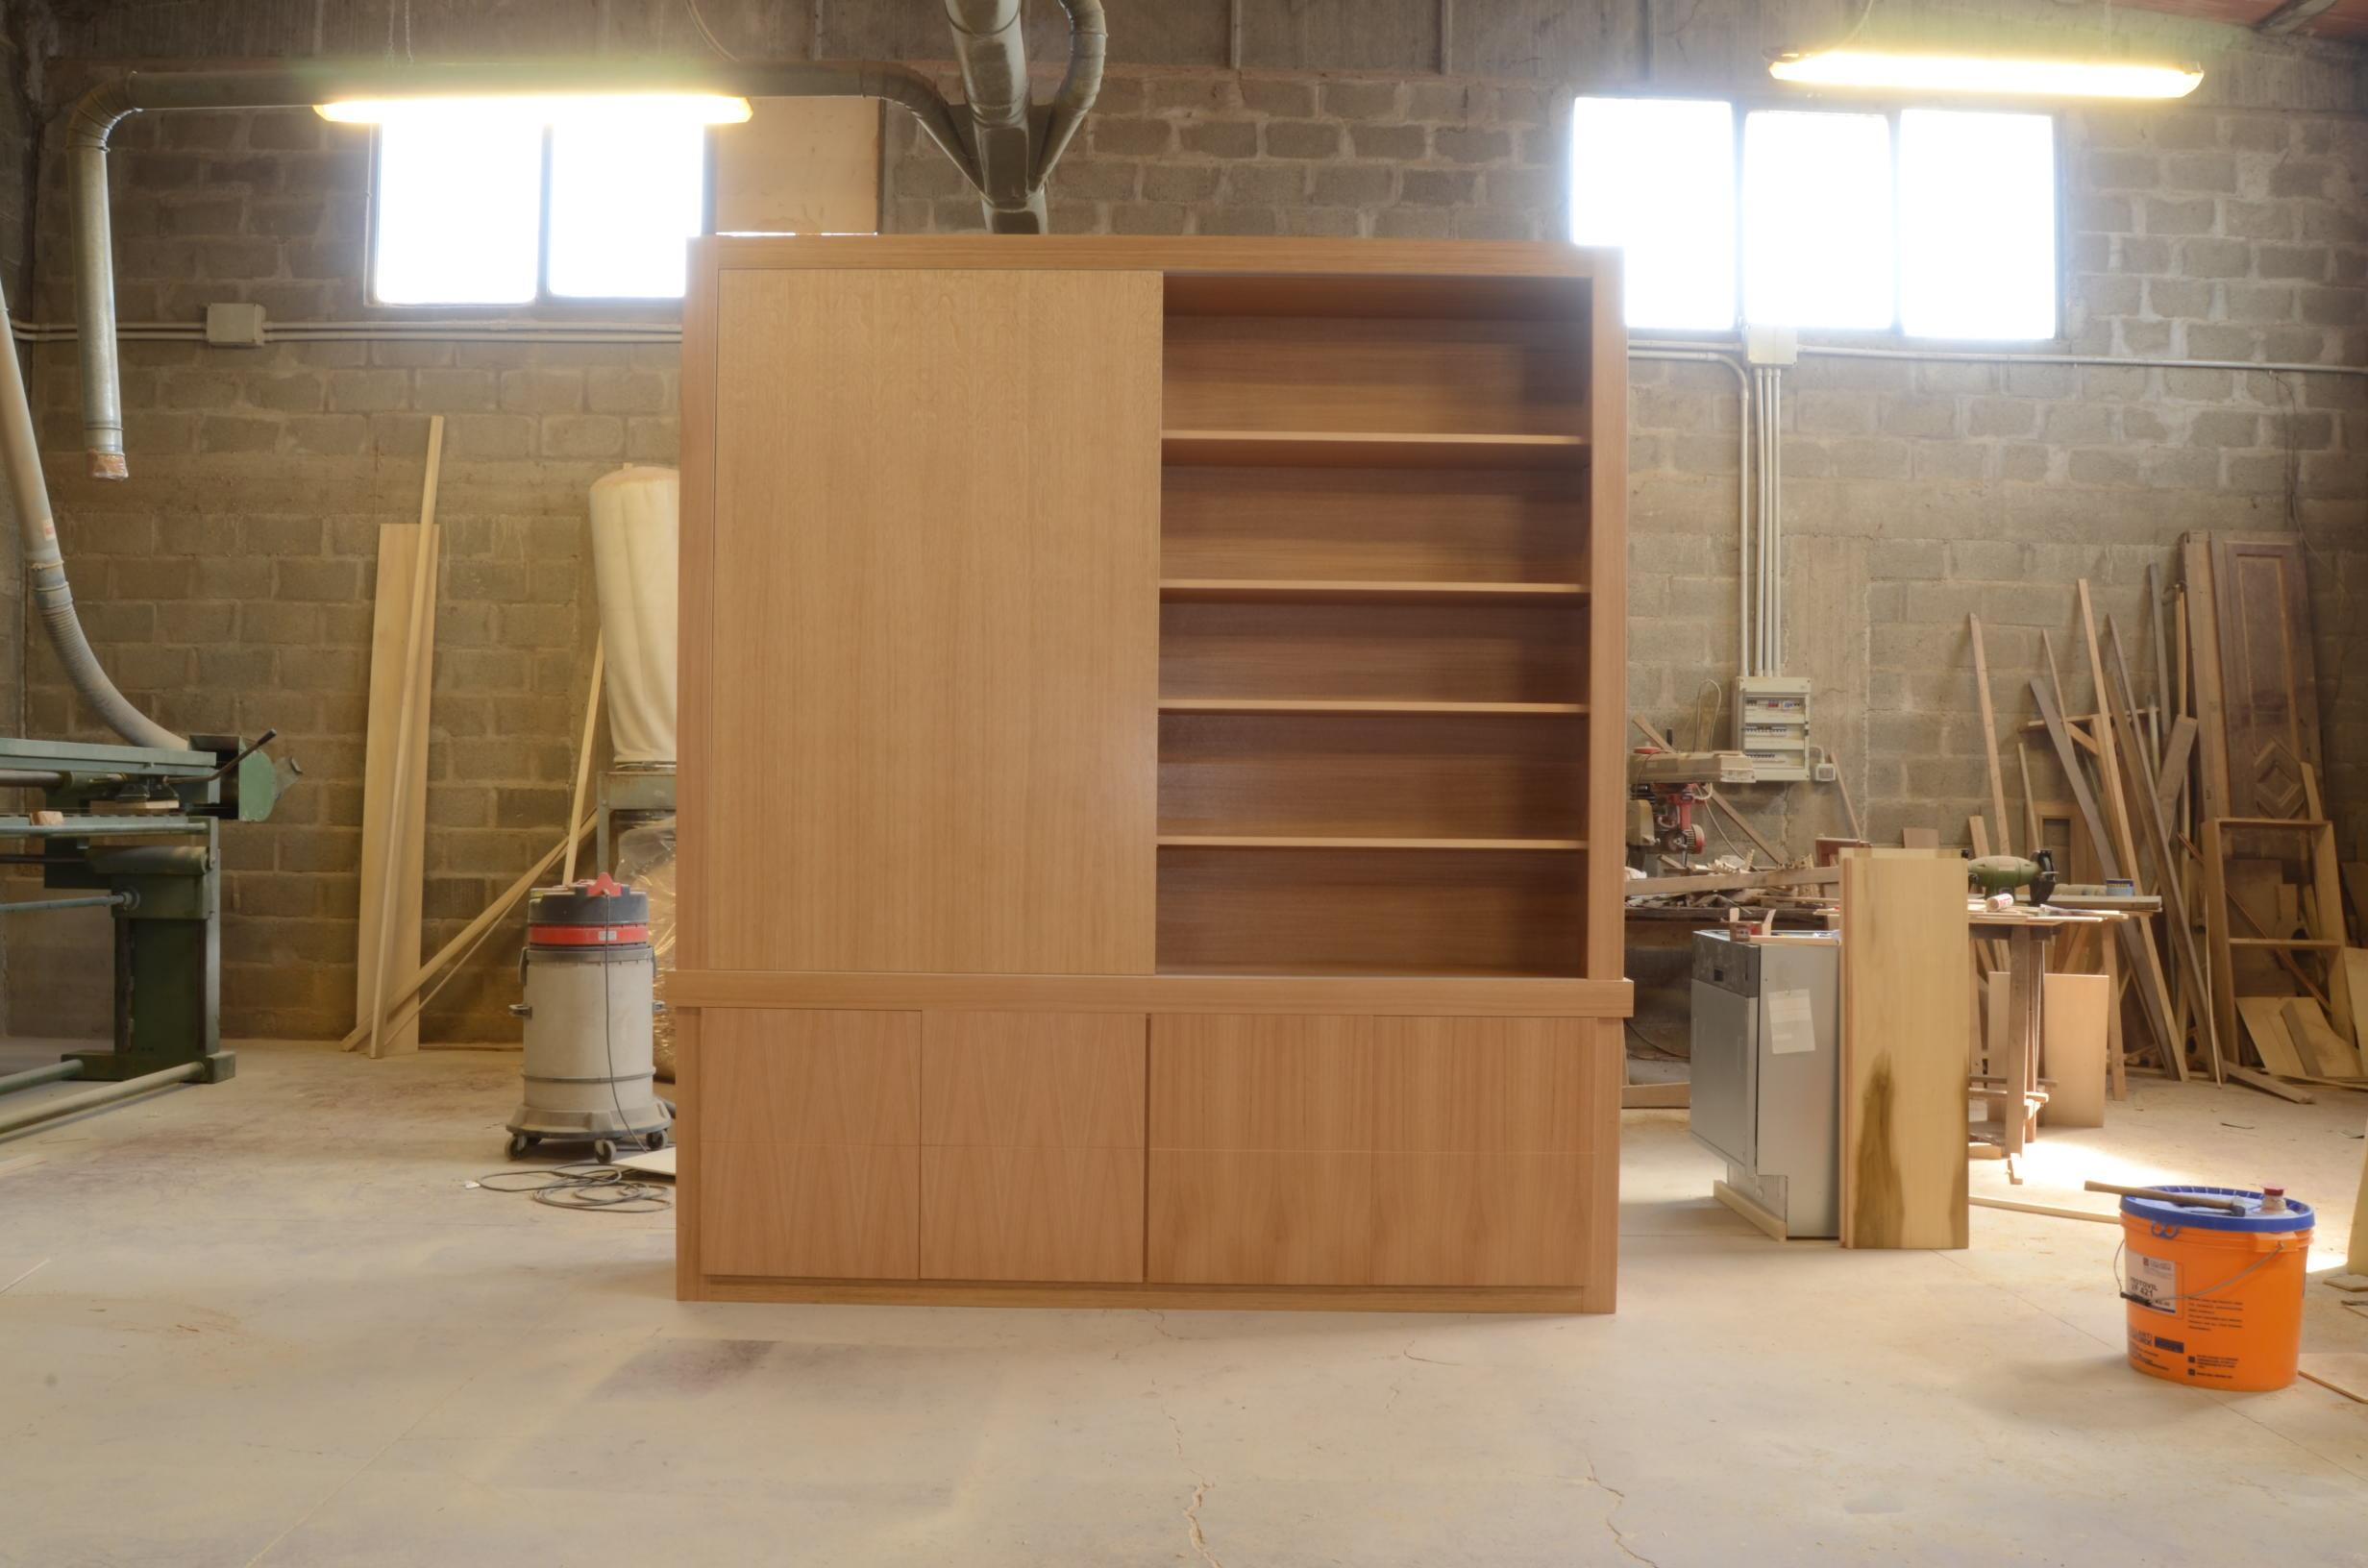 Scrivania libreria studio|arredamento studio|legnoeoltre